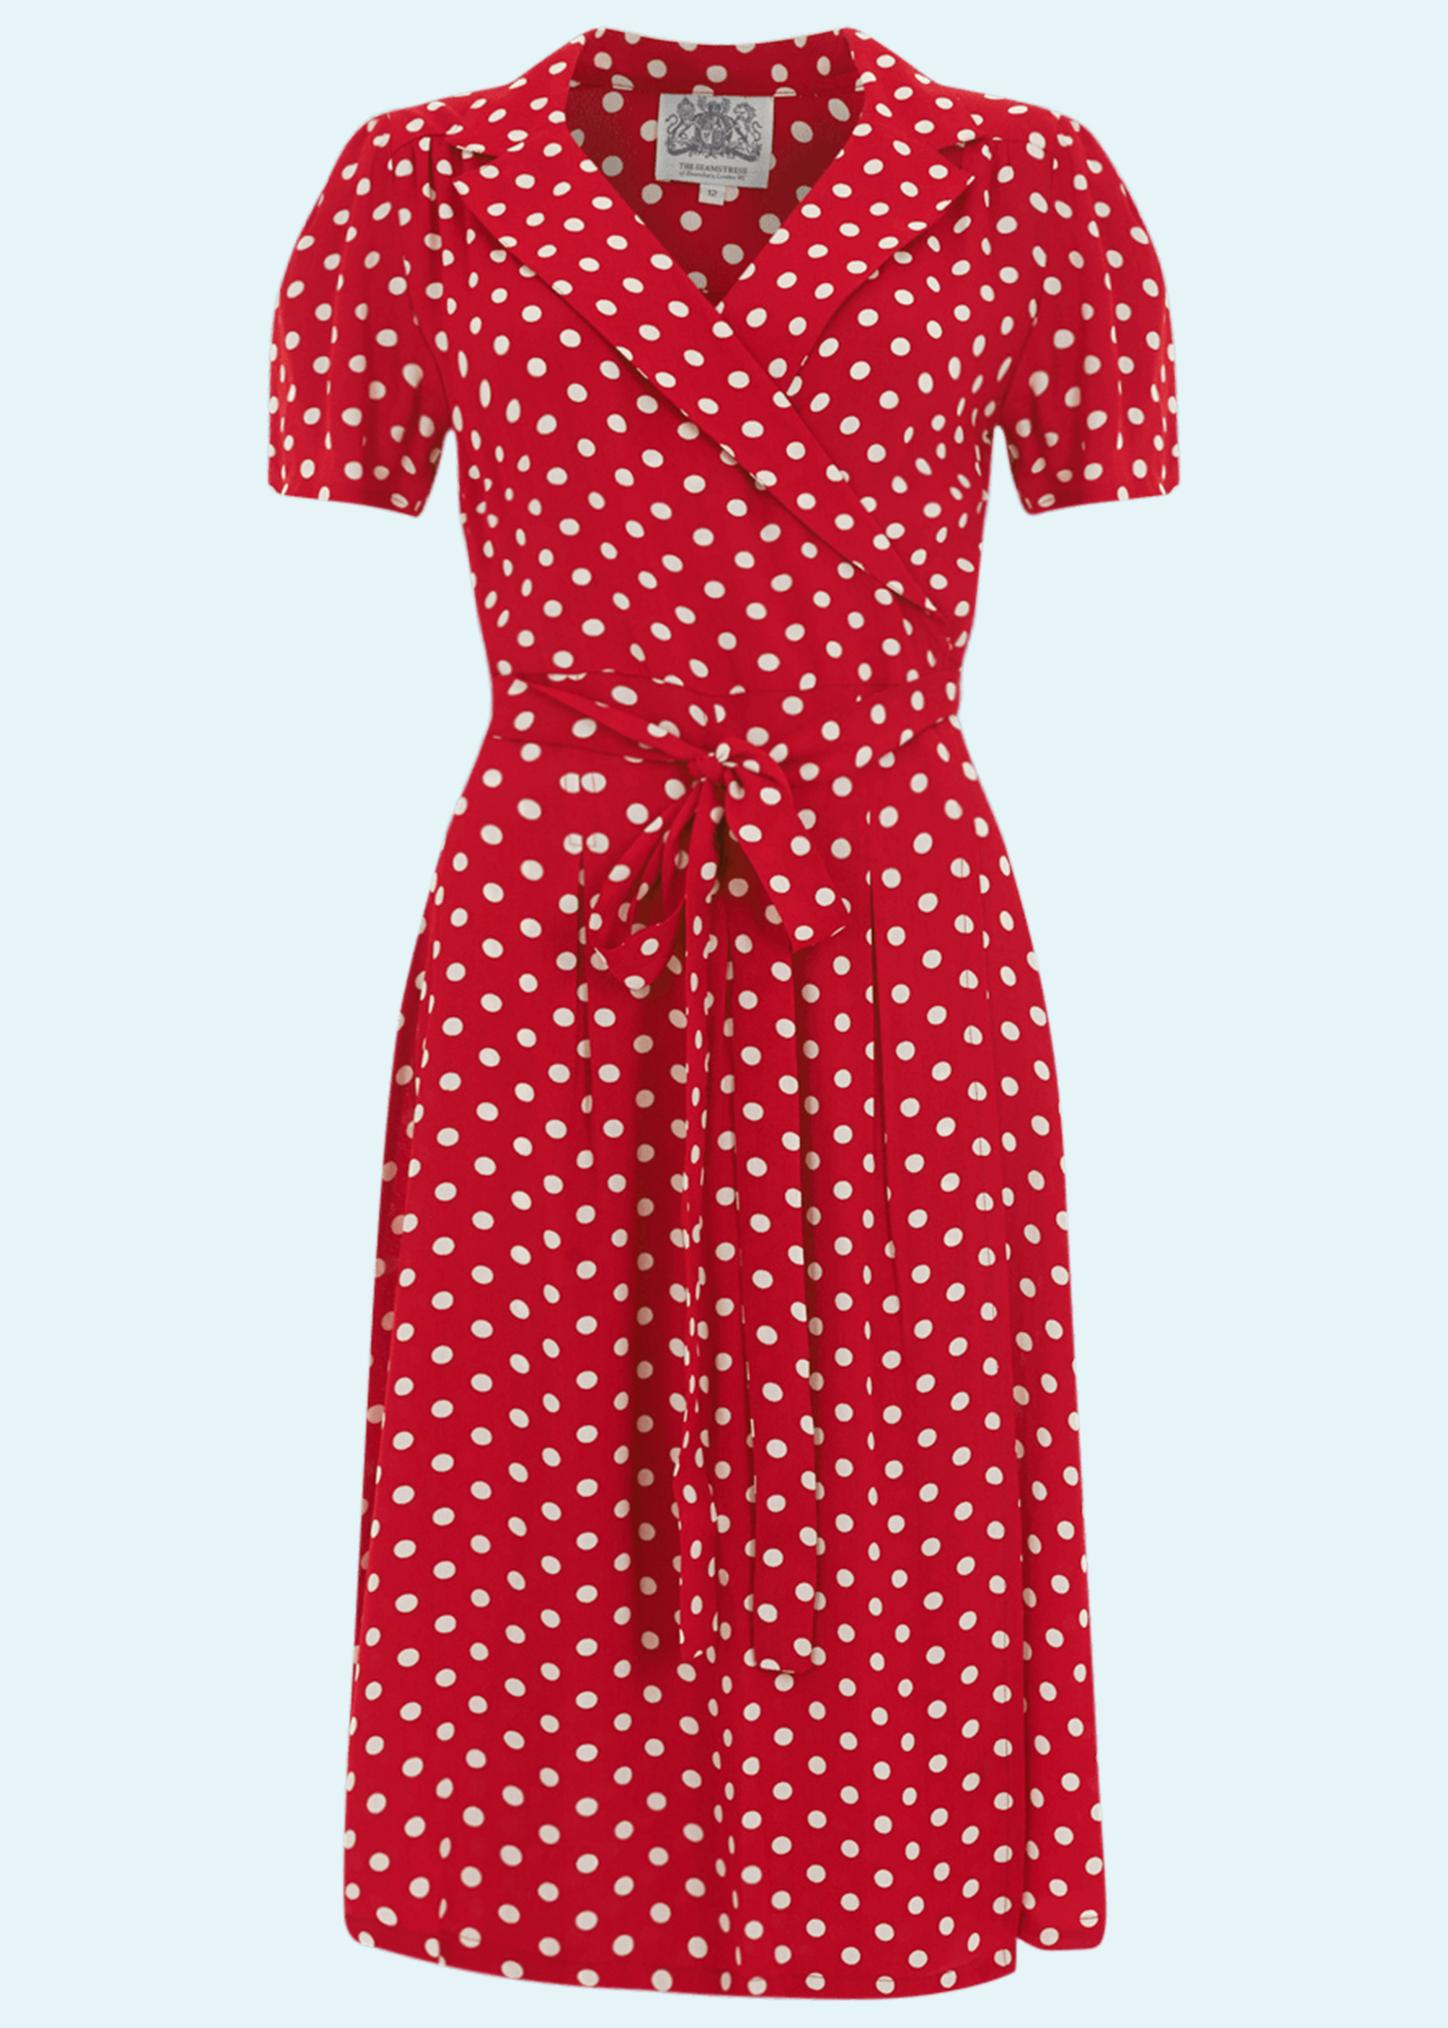 Rød slåom kjole med hvide prikker fra The Seamstress Of Bloomsbury